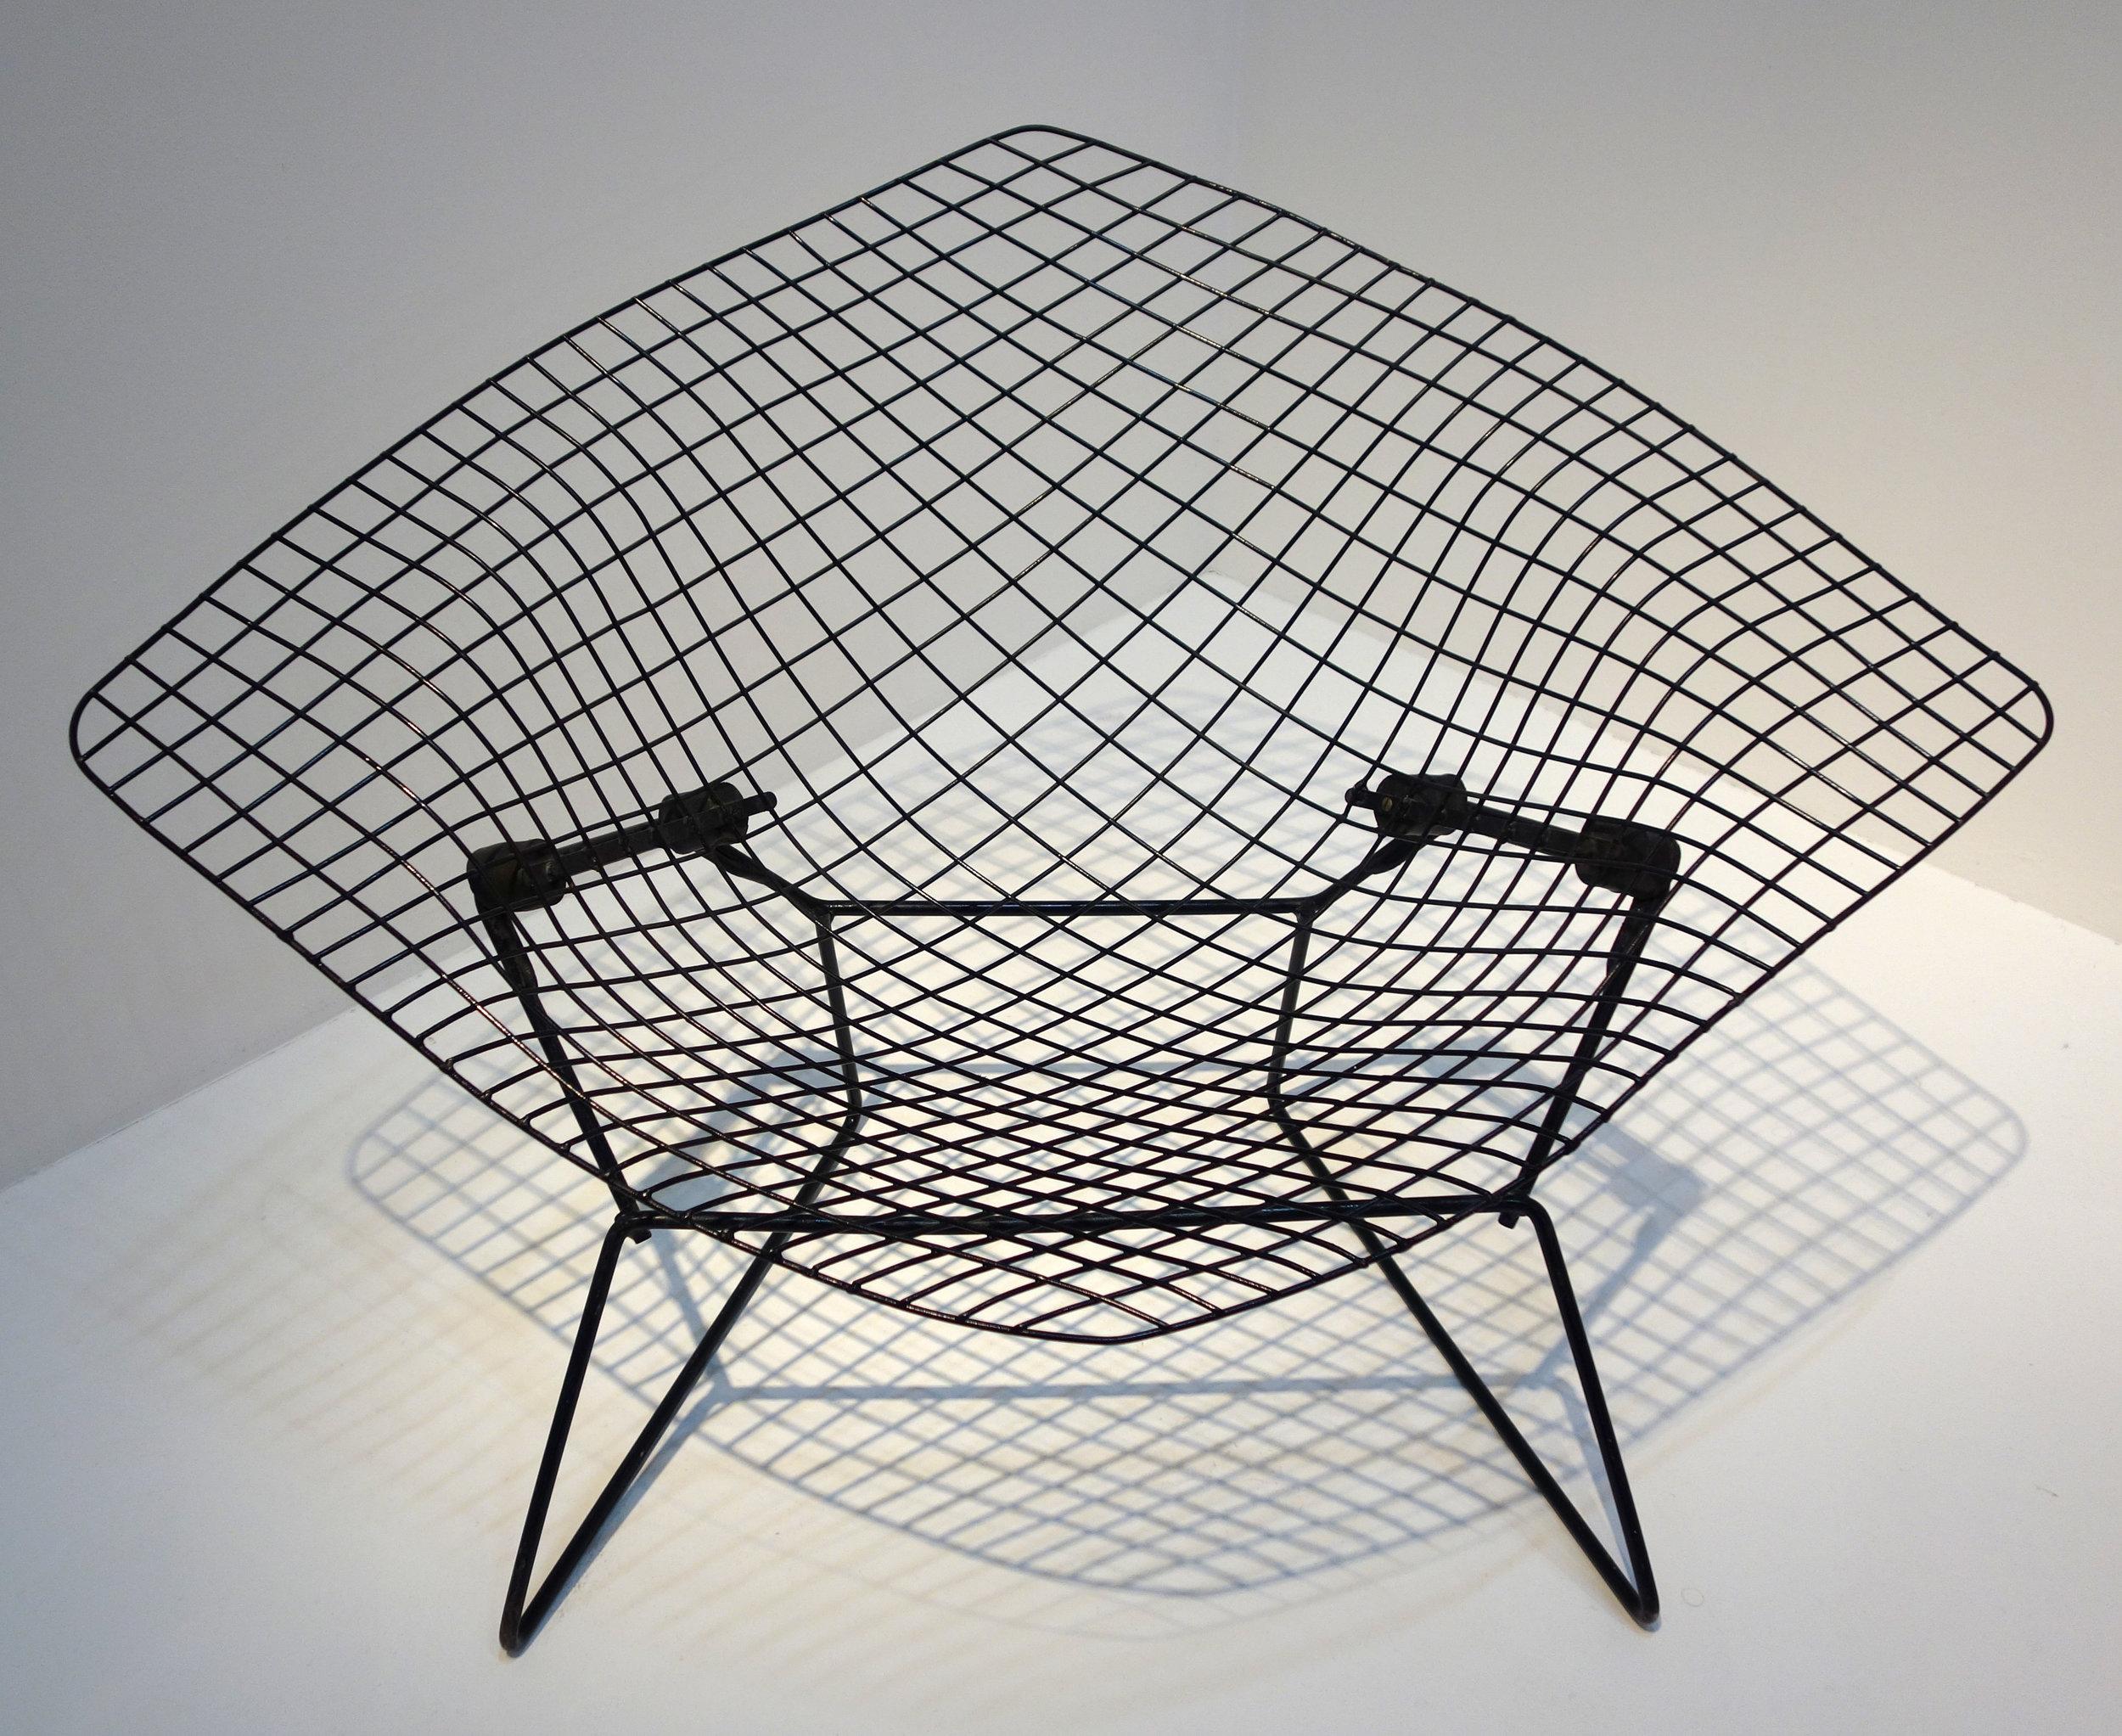 Diamond_Chair_-_Harry_Bertoia,_MNAM.jpg